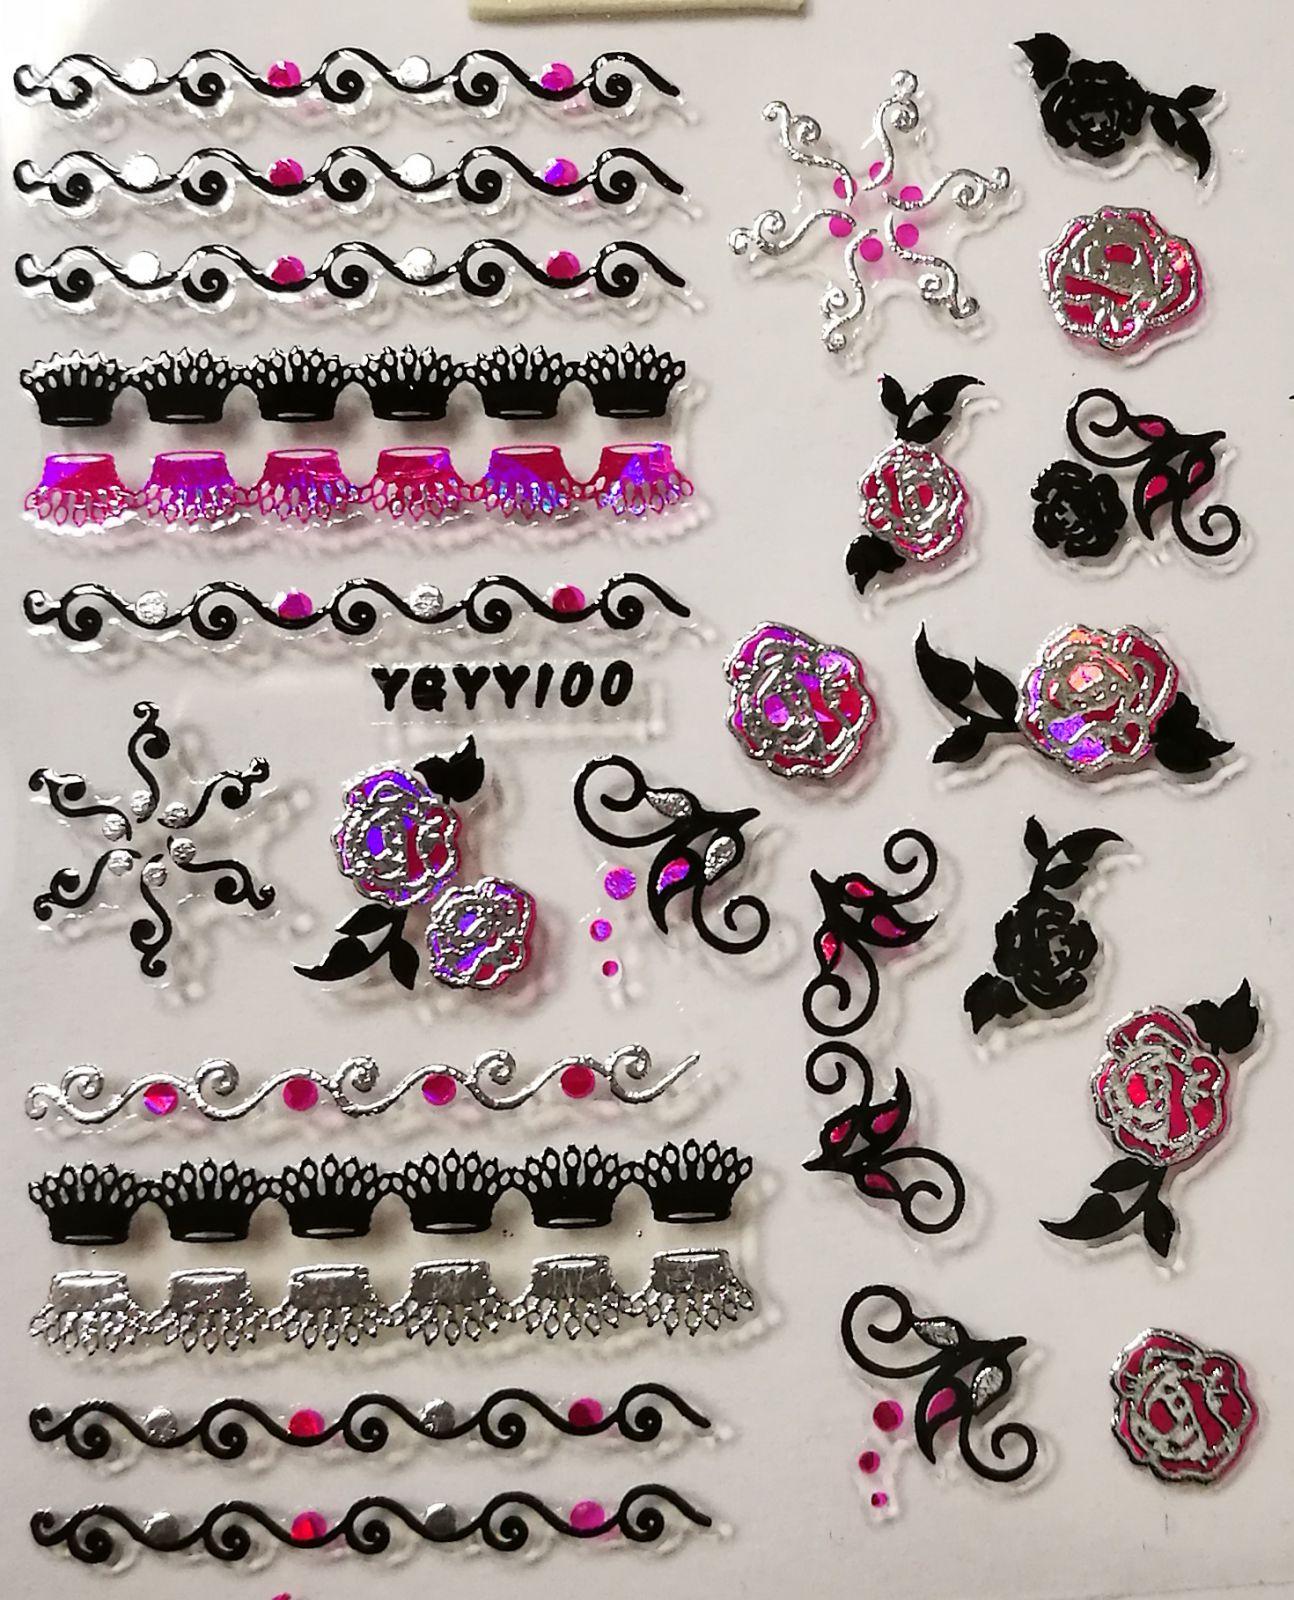 Nálepky na nechty Pink Holo YGYY100